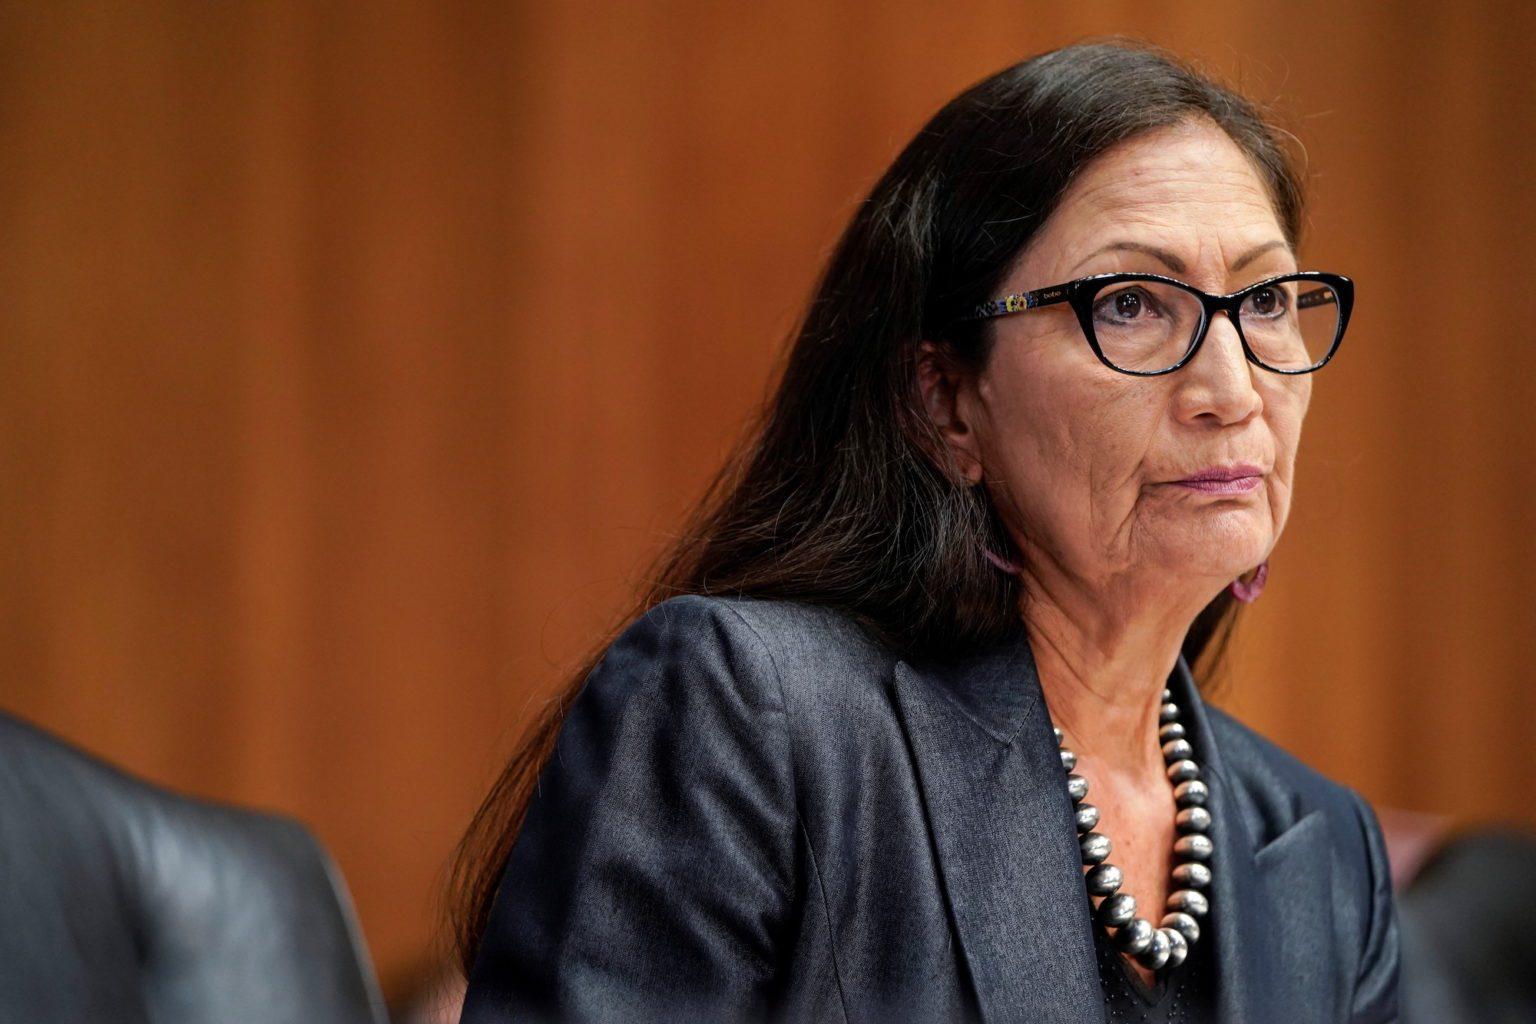 Acusan al secretario de Interior de desafiar la sentencia para reanudar el arrendamiento de petróleo y gas